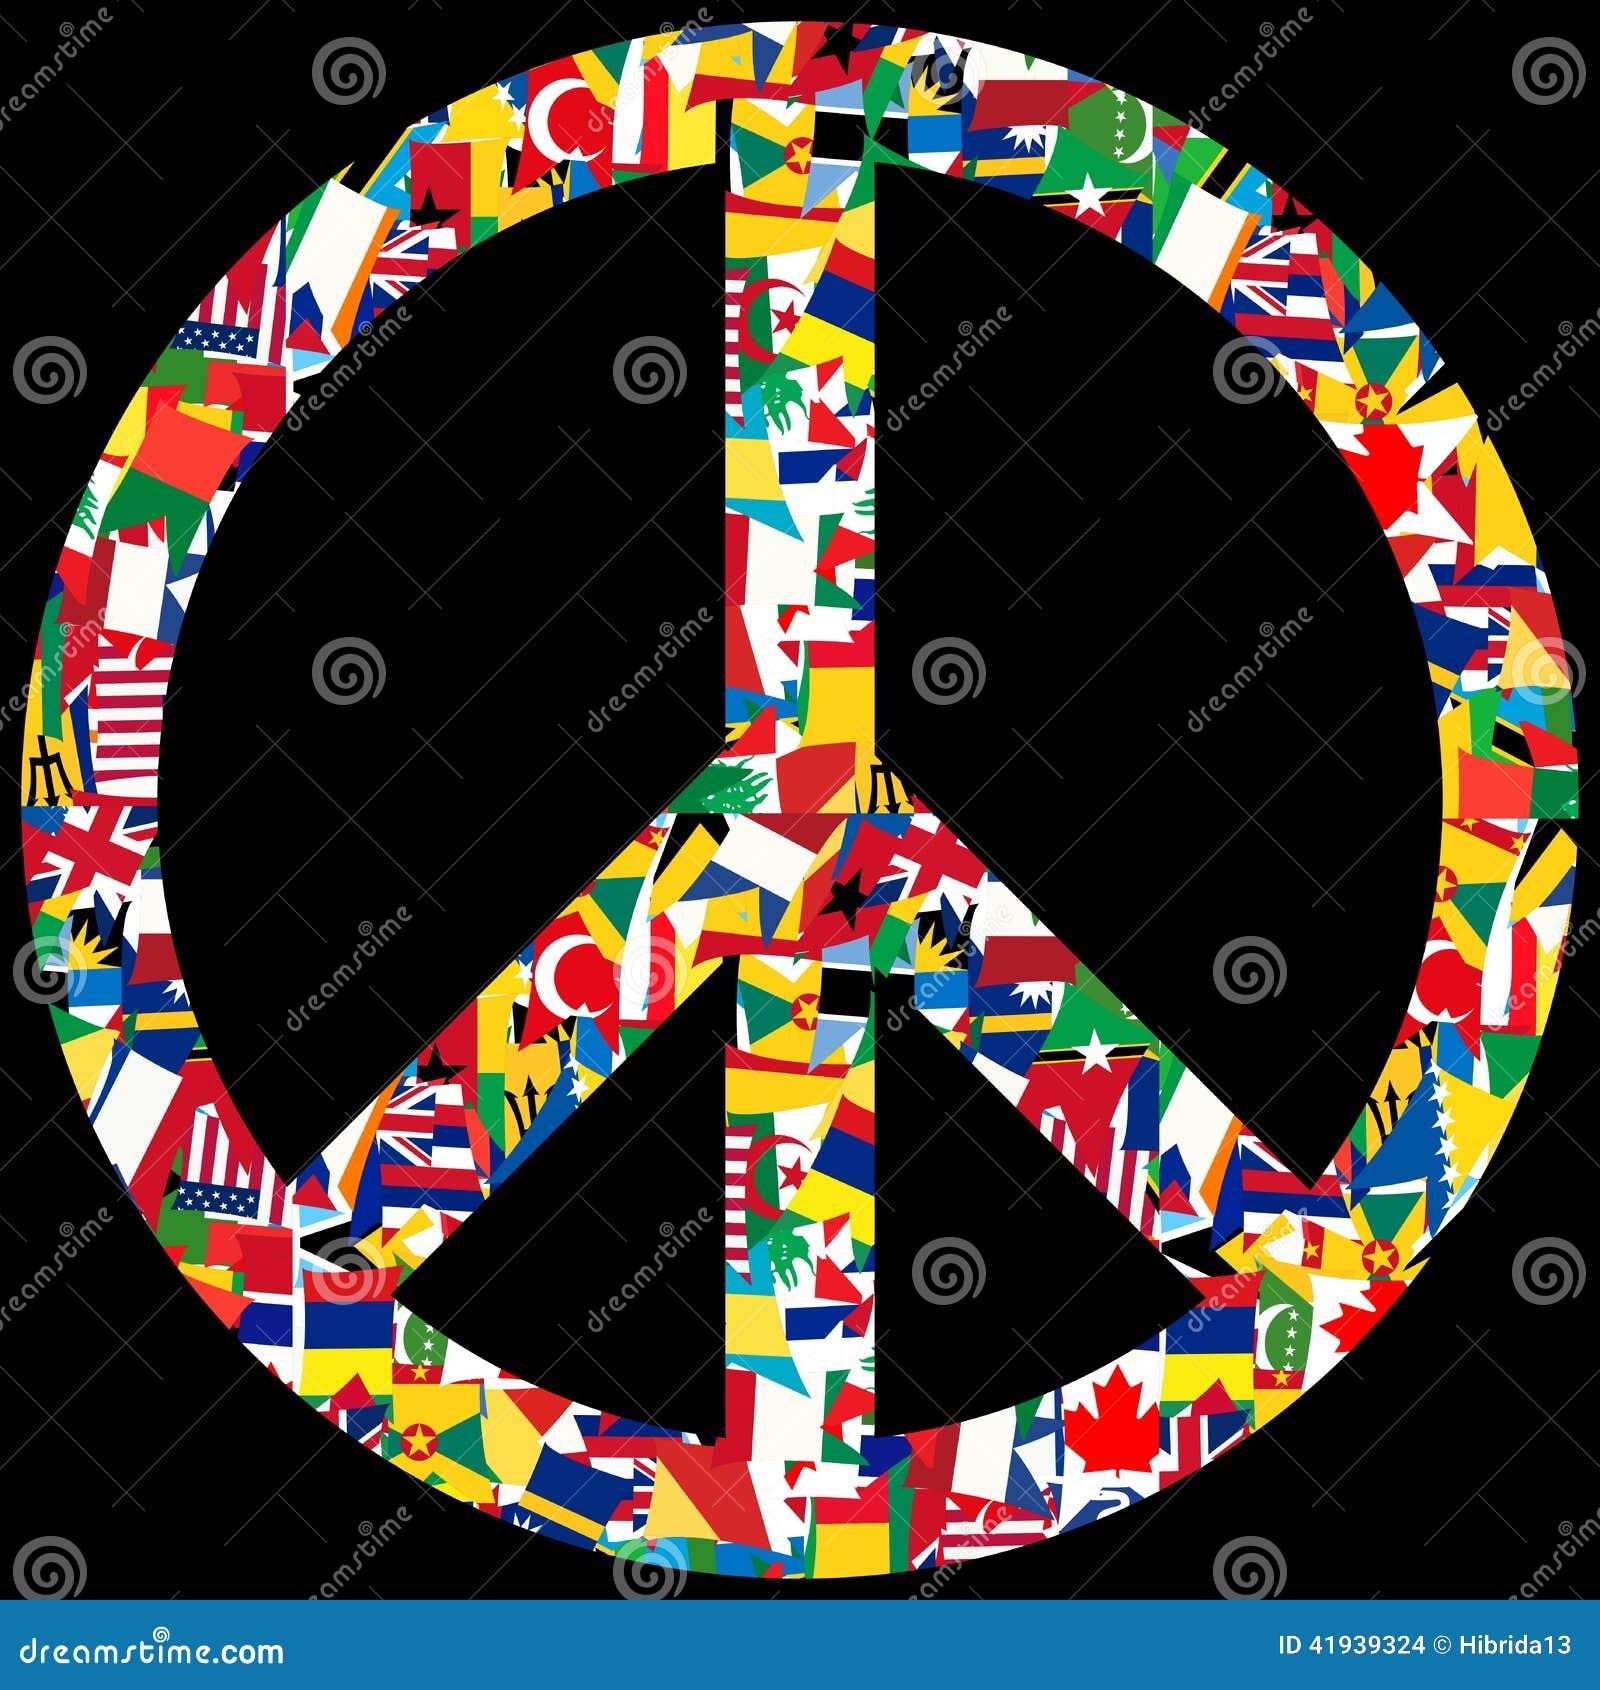 World peace symbol stock illustration illustration of world peace symbol with world flags stock images buycottarizona Gallery